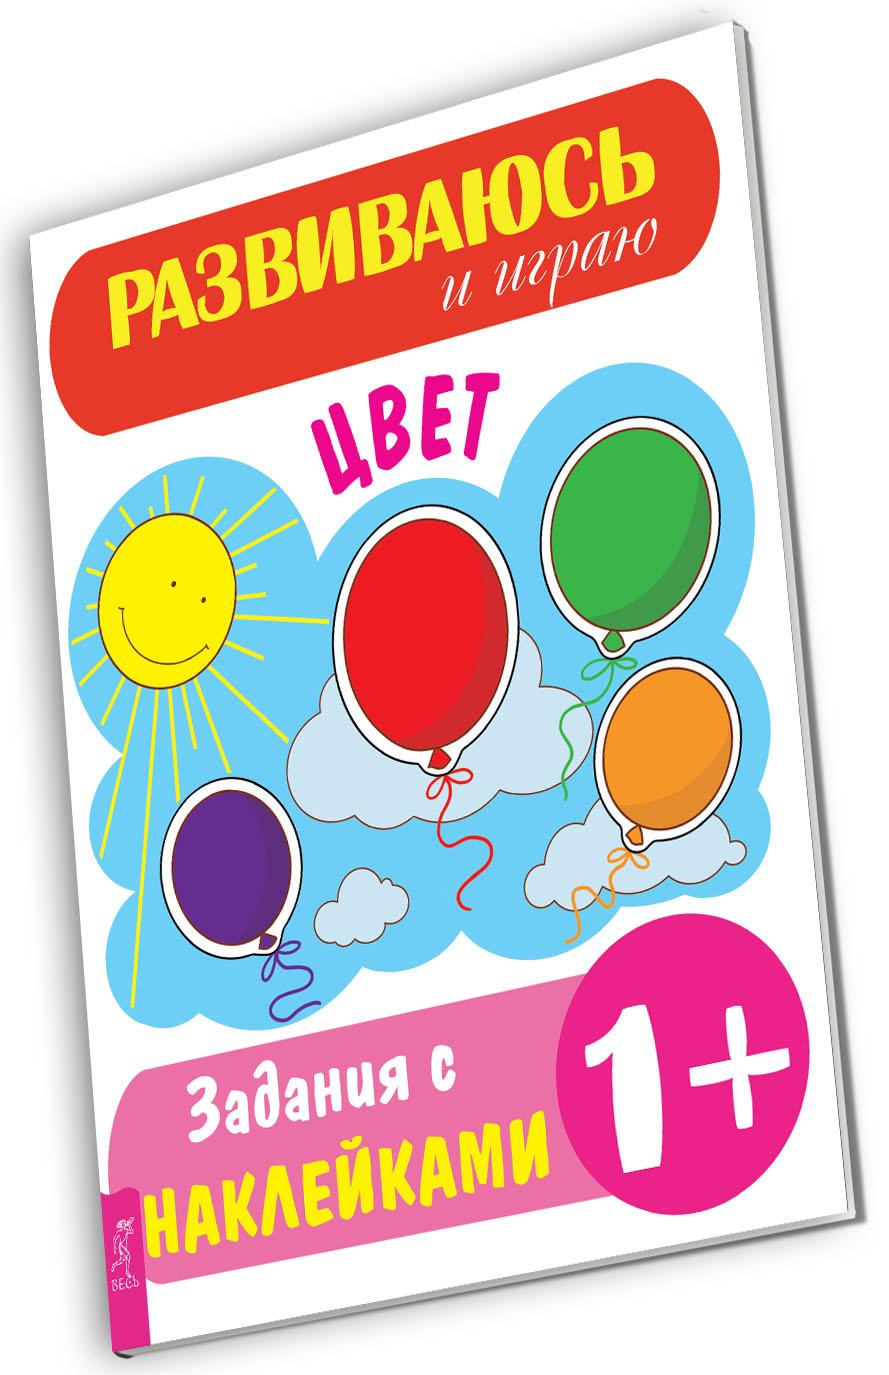 Цвет12296407Аннотация Книги серии Развиваюсь и играю предназначены для занятий с малышами от 1 года. Задания сформулированы просто и понятно для ребенка, а большие наклейки удобно держать в ручке и наклеивать на страничку. Выполняя задания и приклеивая наклейки, ребенок: учится воспринимать информацию; развивает абстрактное мышление и интеллект; познает окружающий мир. Работа с наклейками способствует развитию мелкой моторики, точности и координации движений. Эта красивая книга с яркими детскими иллюстрациями не только поможет ребенку в познании мира, но и доставит малышу и родителям много приятных минут, проведенных вместе. О чем книга Знакомство с цветом можно превратить в увлекательную игру! Каждая страница этой книги посвящена одному цвету радуги, всего семь цветов: красный, оранжевый, желтый, зеленый, голубой, синий и фиолетовый. Сюжеты будут понятны и интересны малышам: красные и фиолетовые ягоды и фрукты, желтое солнышко...